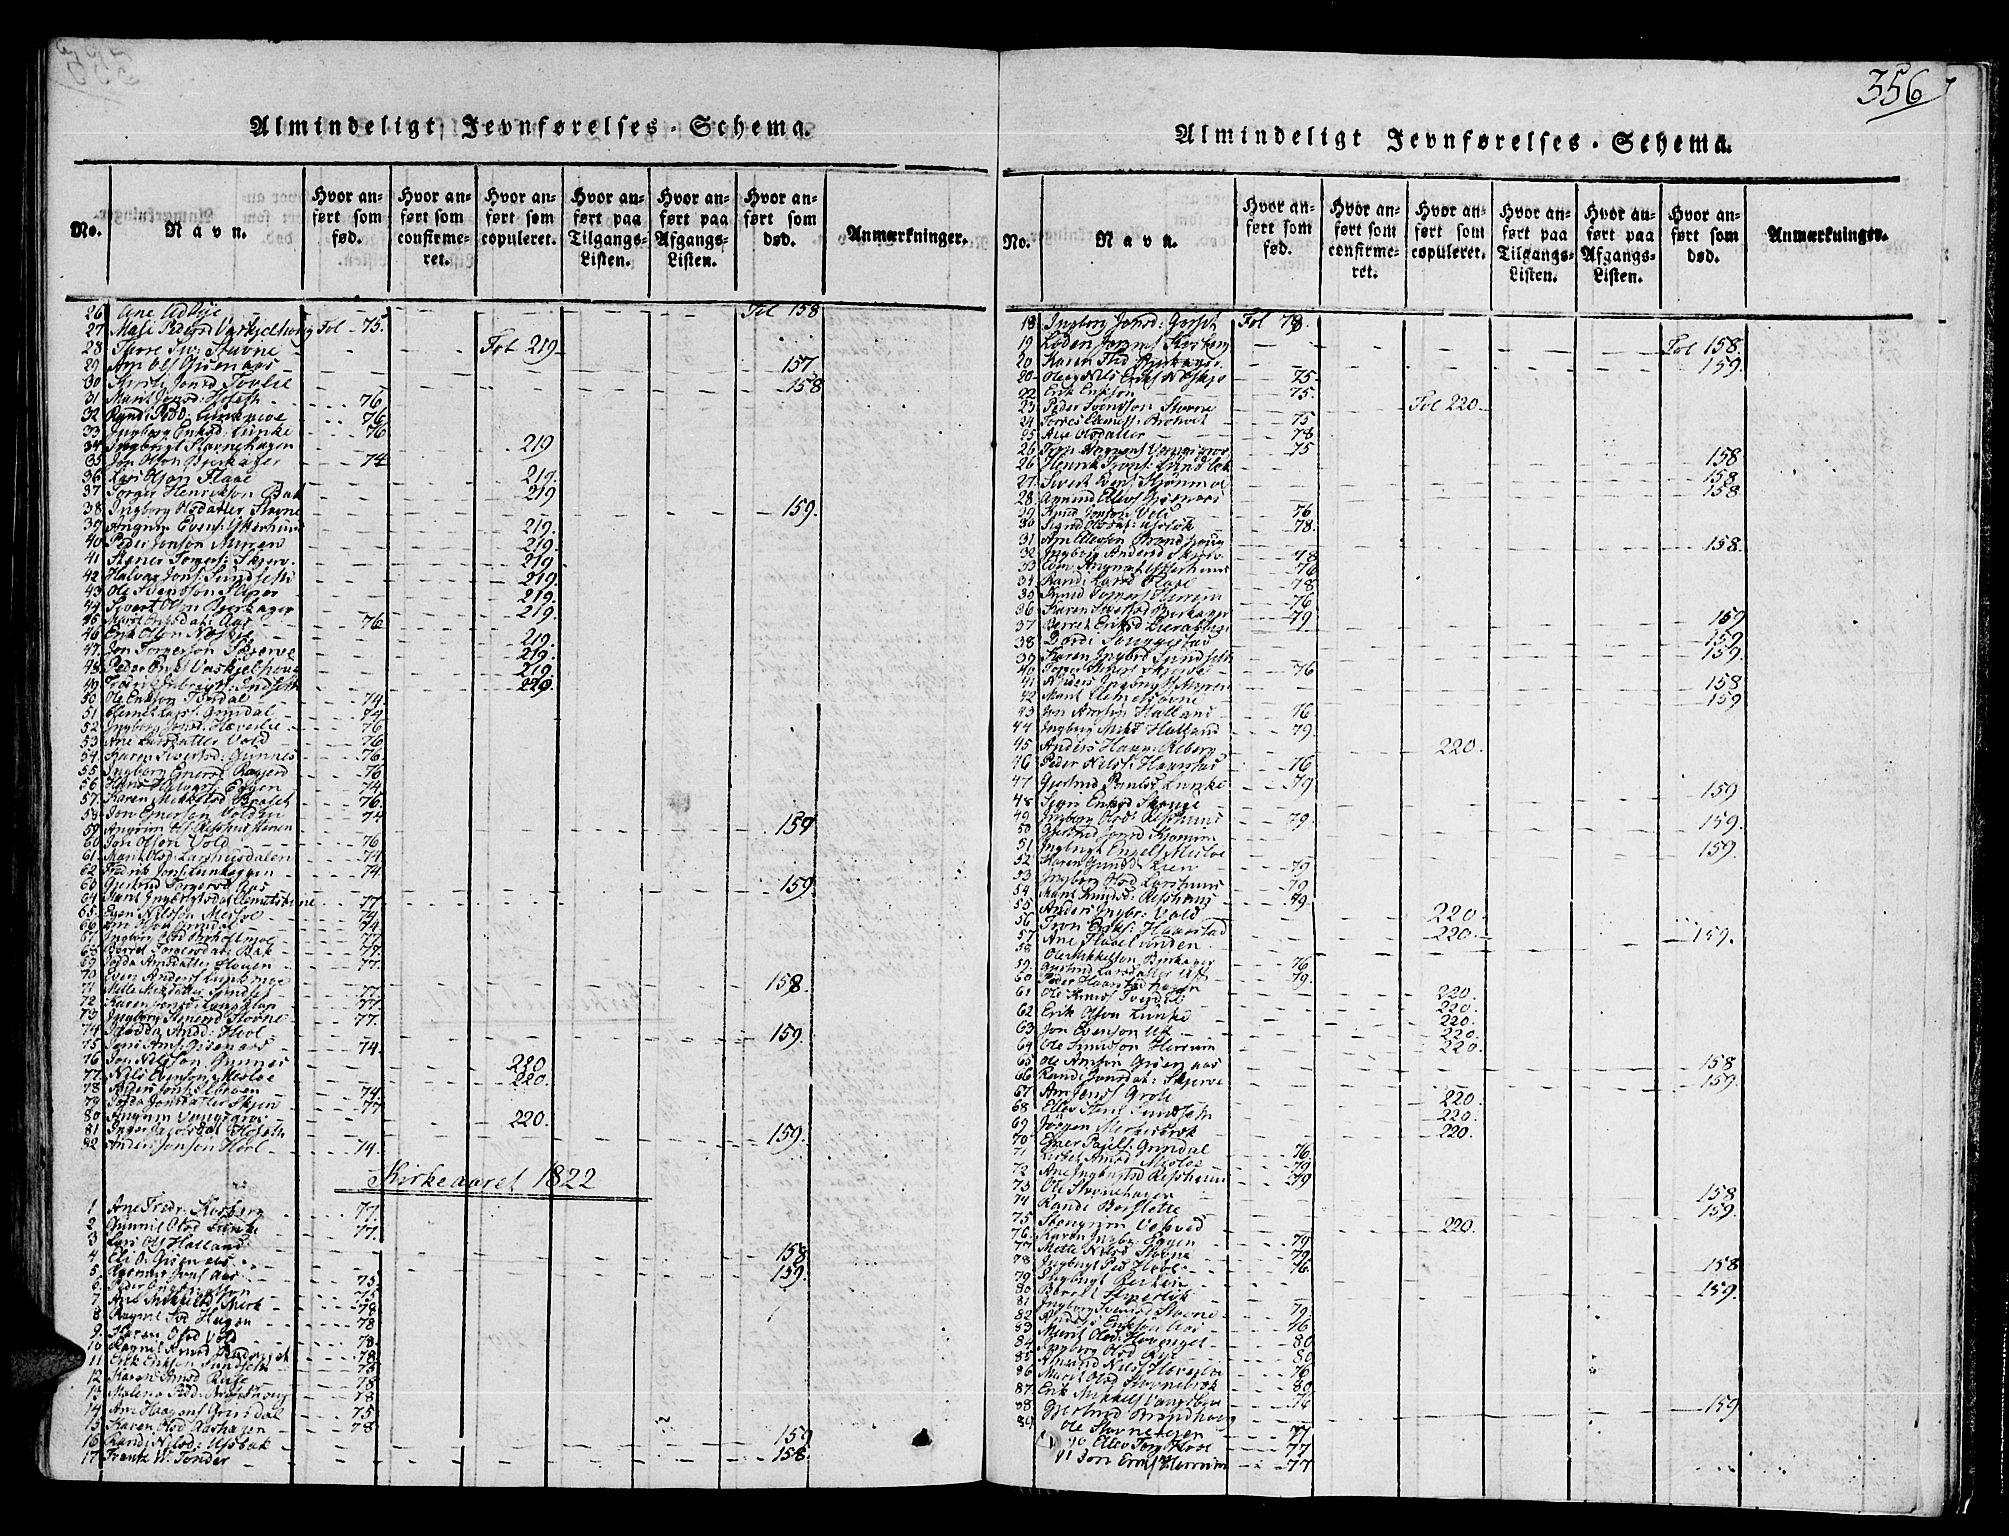 SAT, Ministerialprotokoller, klokkerbøker og fødselsregistre - Sør-Trøndelag, 672/L0854: Ministerialbok nr. 672A06 /2, 1816-1829, s. 356